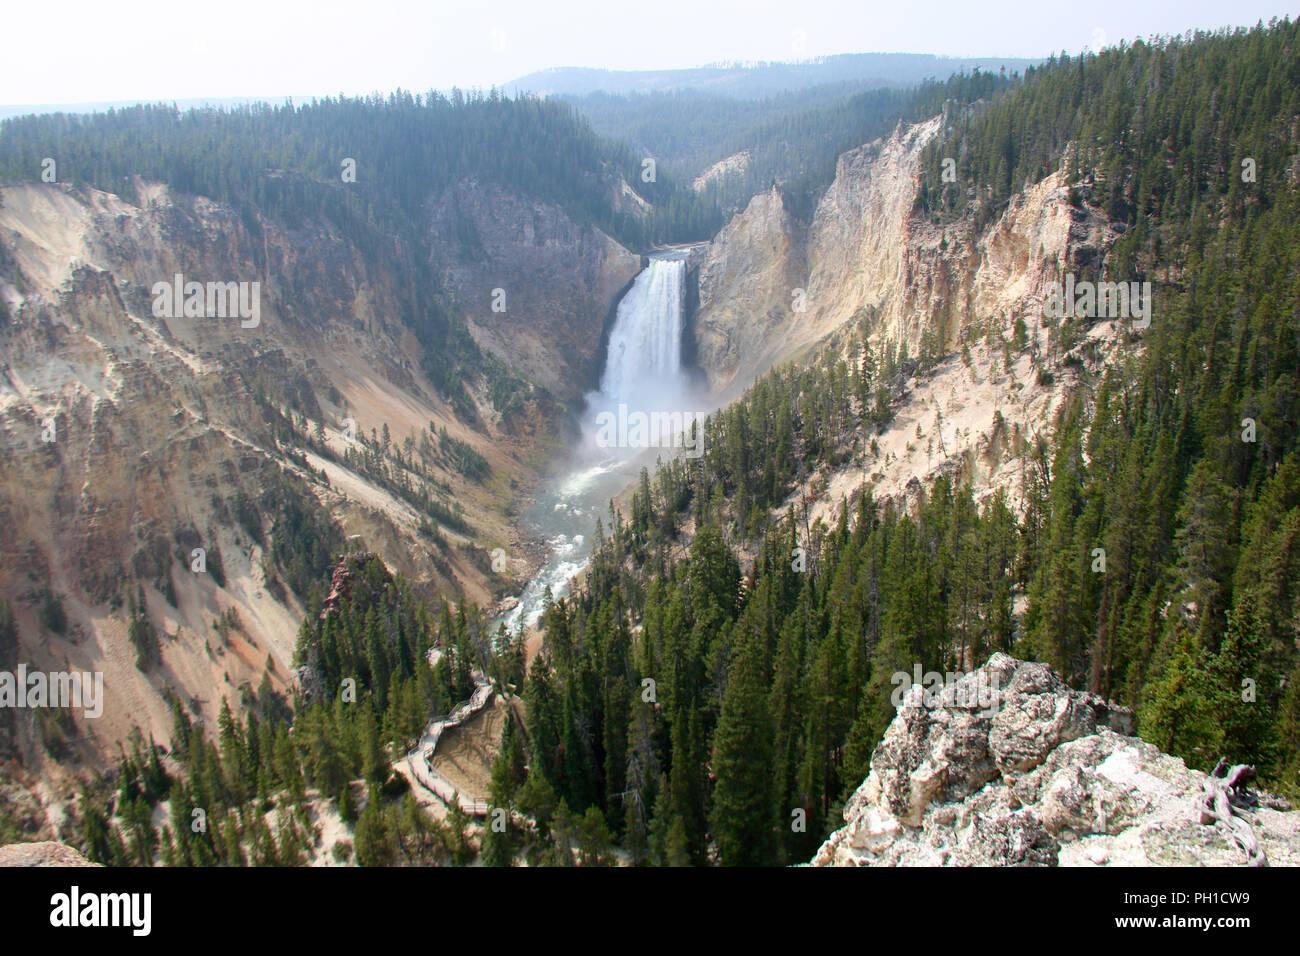 La parte superior de las cataratas del río Yellowstone en el Gran Cañón del Yellowstone, el Parque Nacional Yellowstone, Wyoming. Imagen De Stock